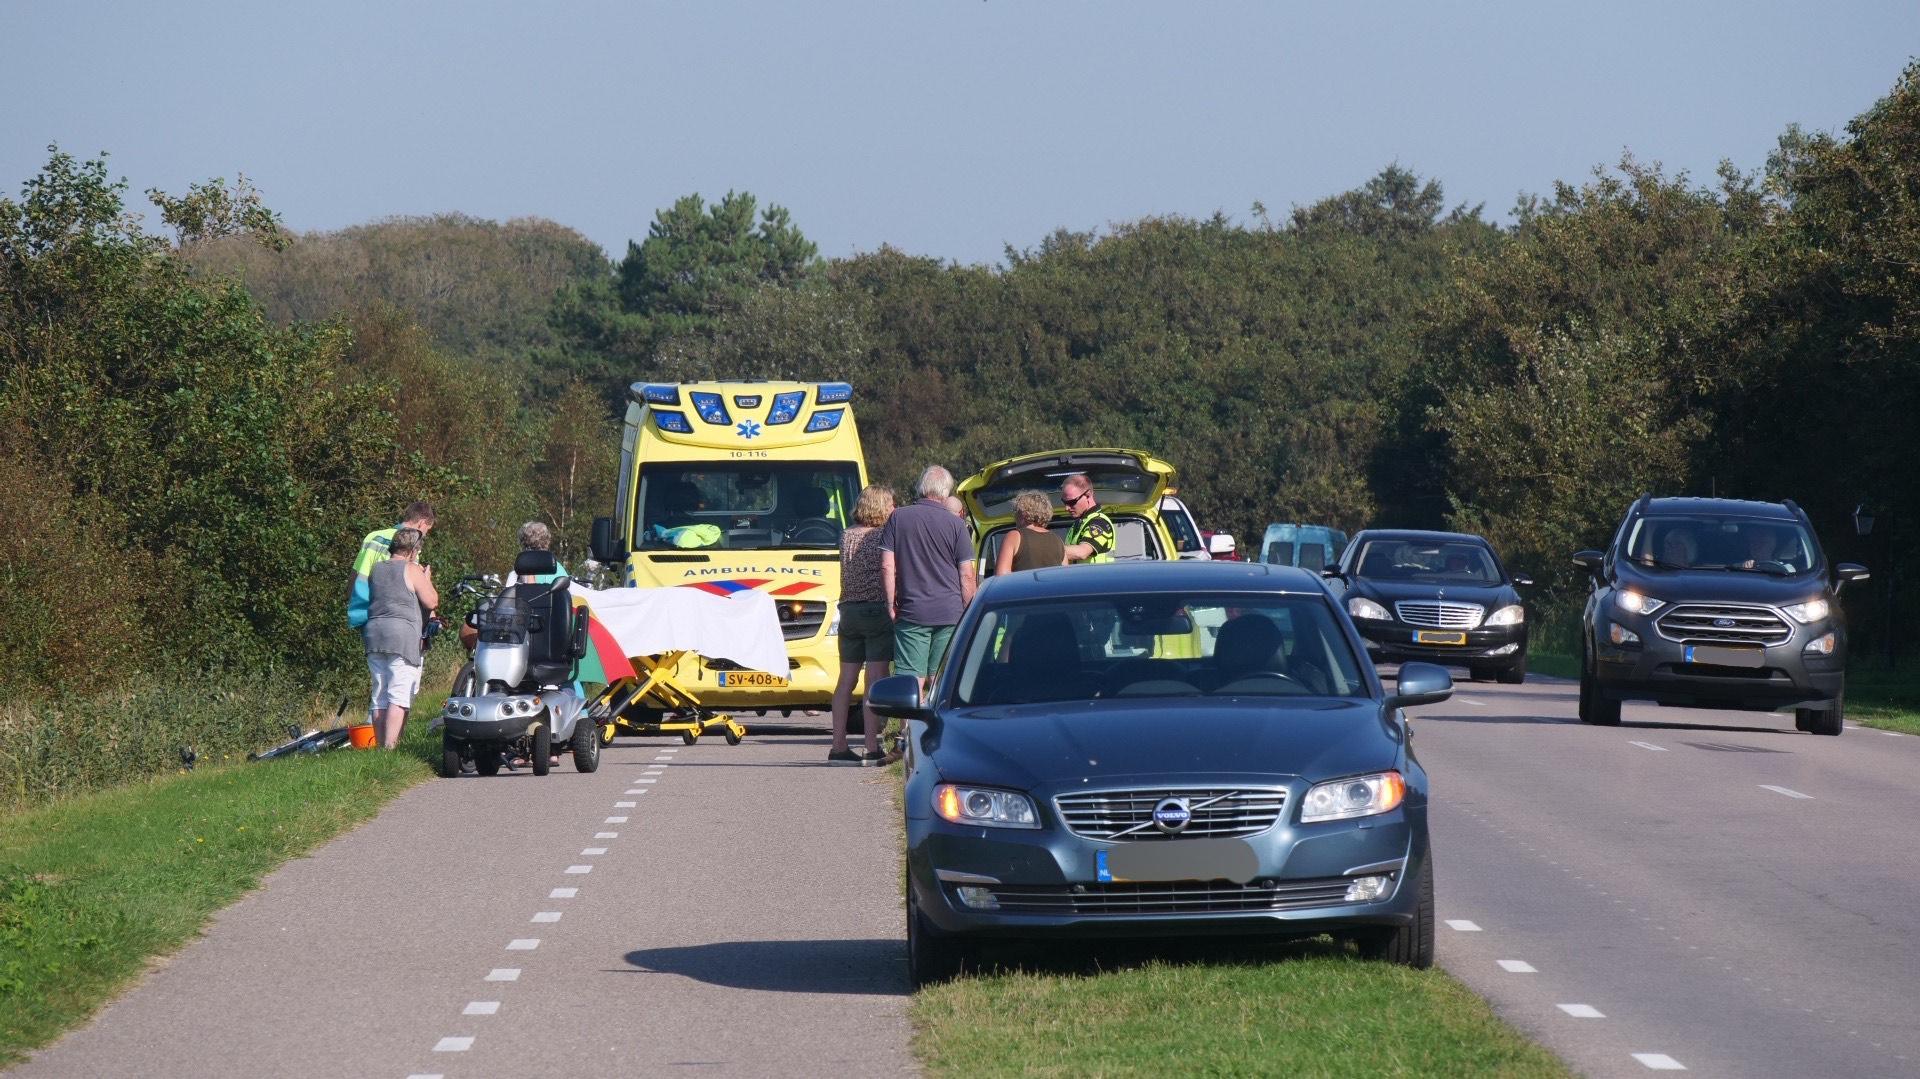 Politie Texel is op zoek naar vrouw op elektrische fiets die doorreed na ongeval waarbij vrouw op scootmobiel gewond raakte